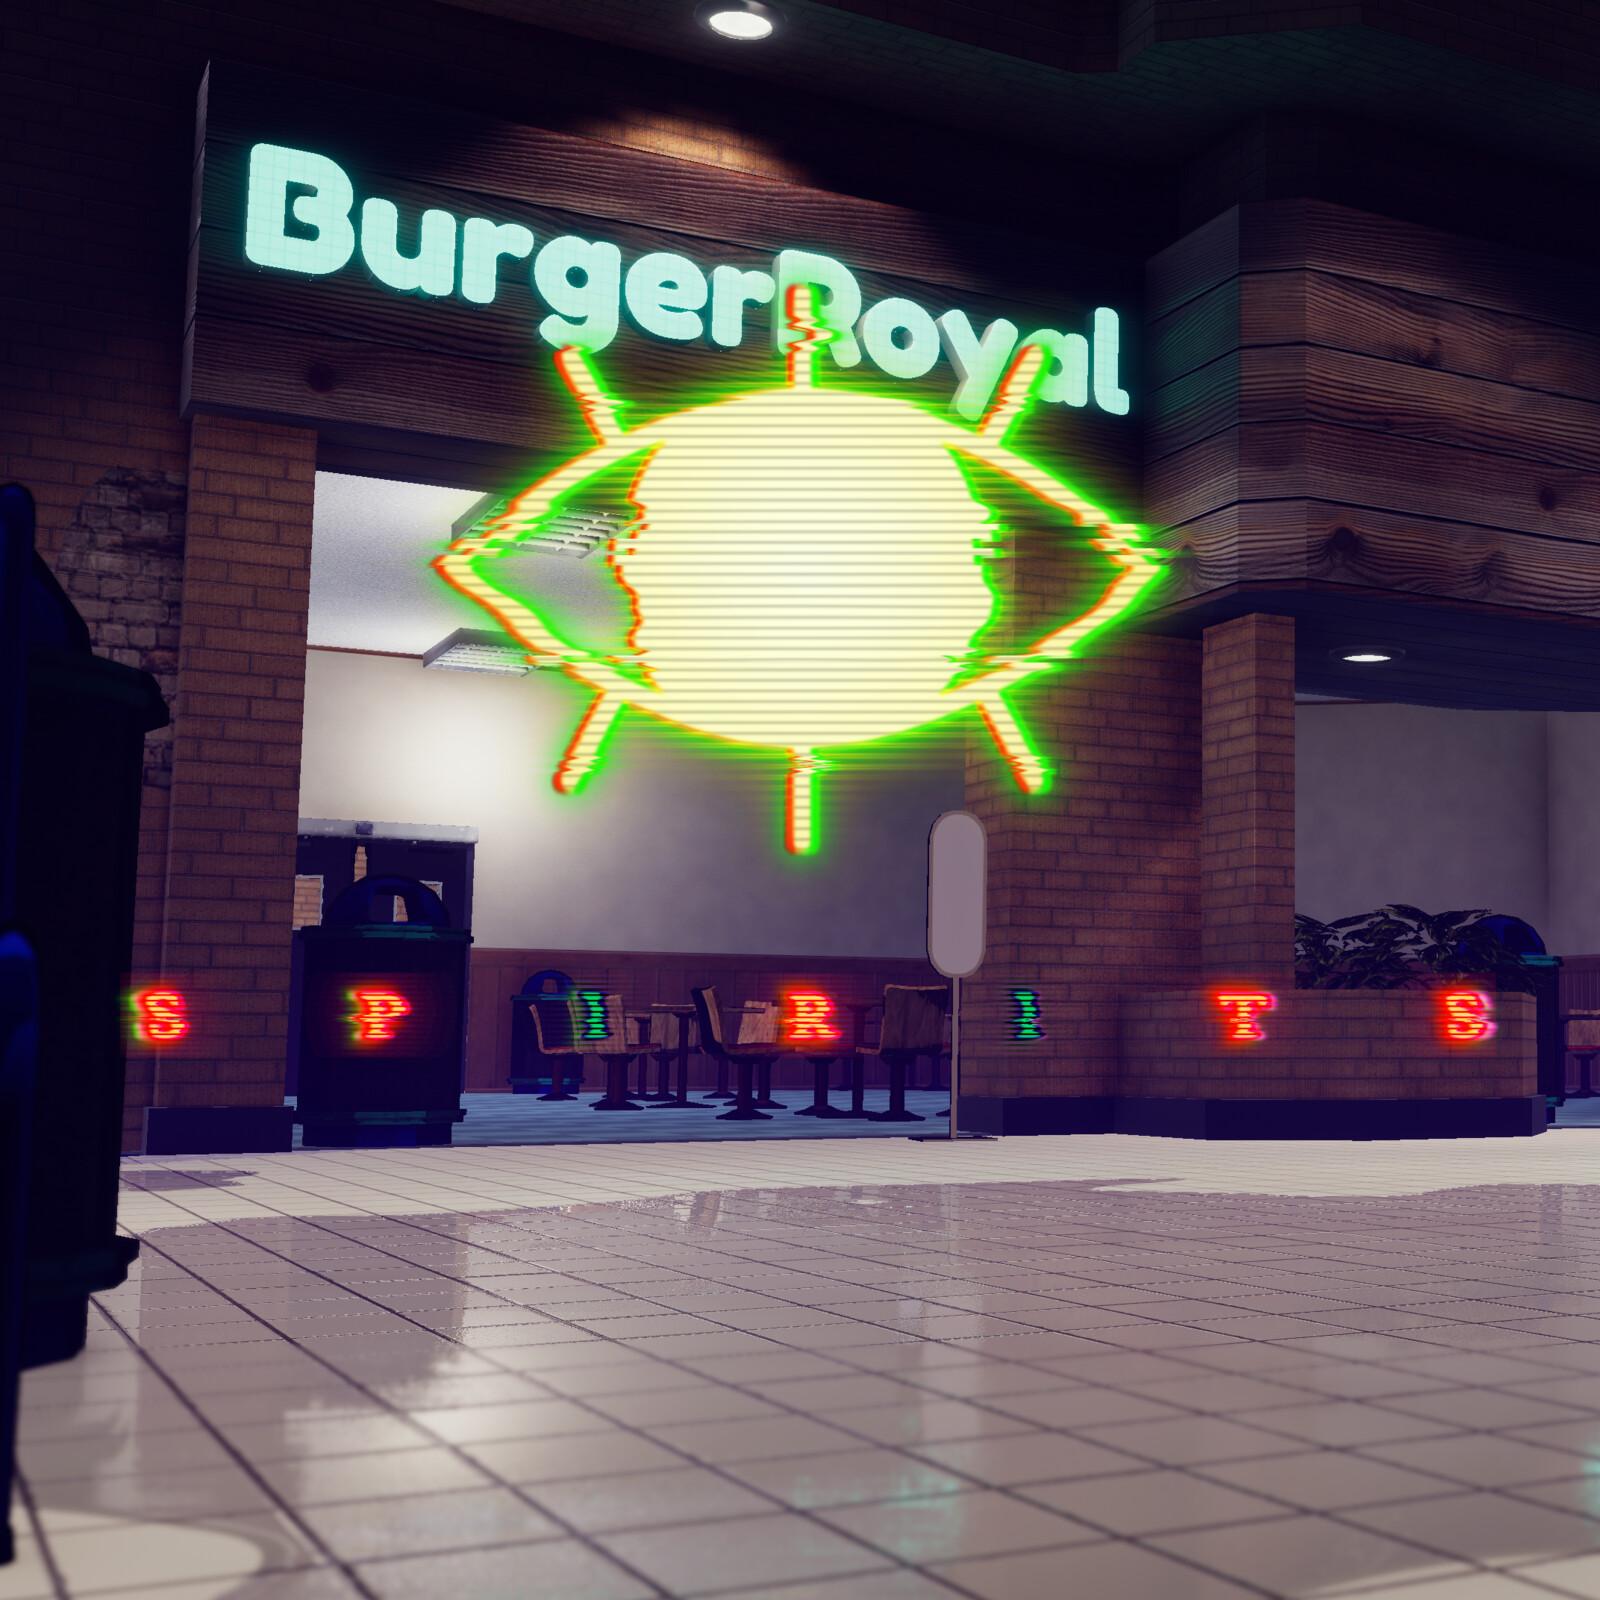 Spirits: Burger Royal